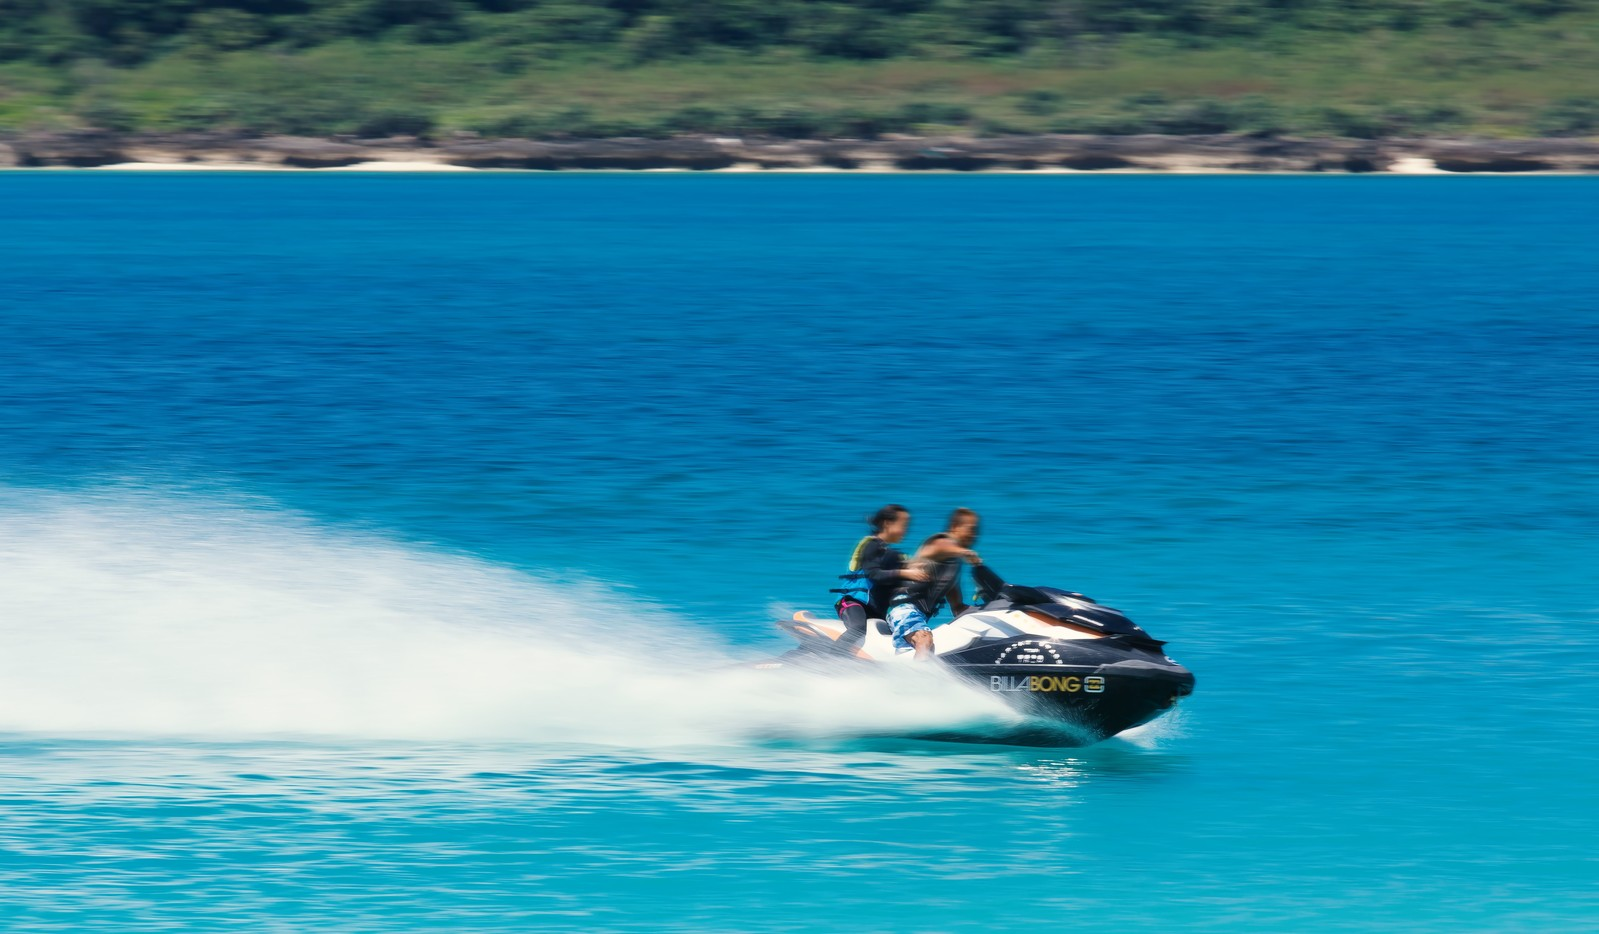 「観光客を乗せて爆走するジェットスキー」の写真